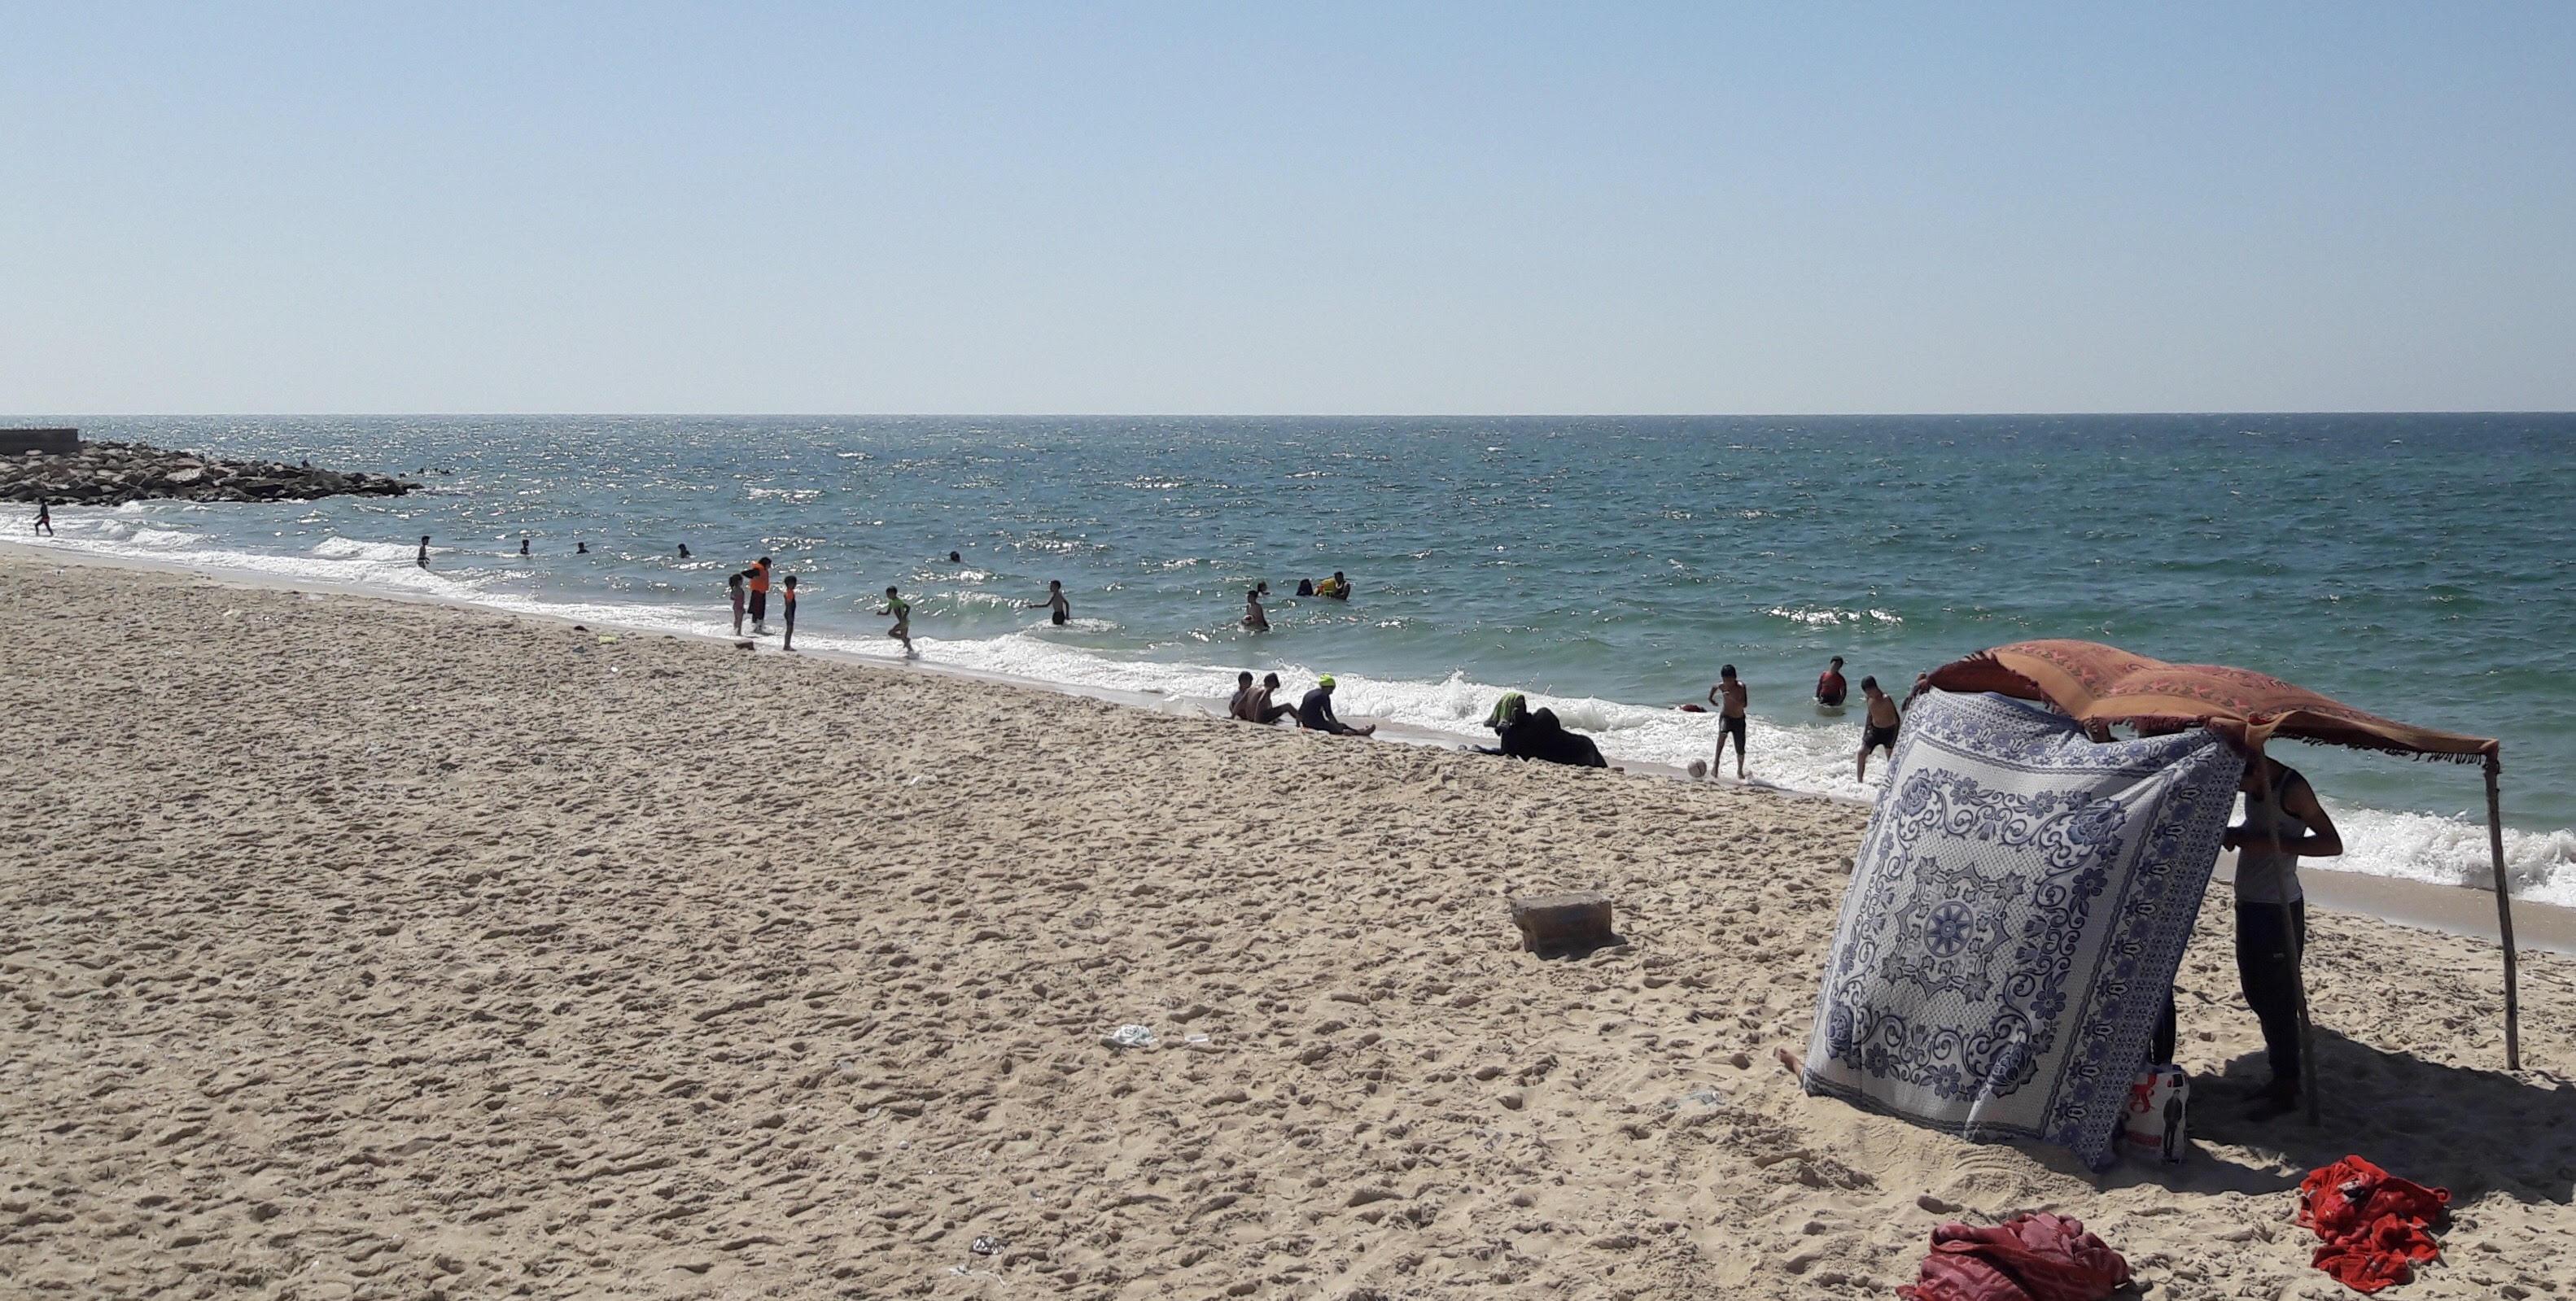 أهالى شمال سيناء يحتفلون برابع أيام العيد على شاطئ العريش (1)